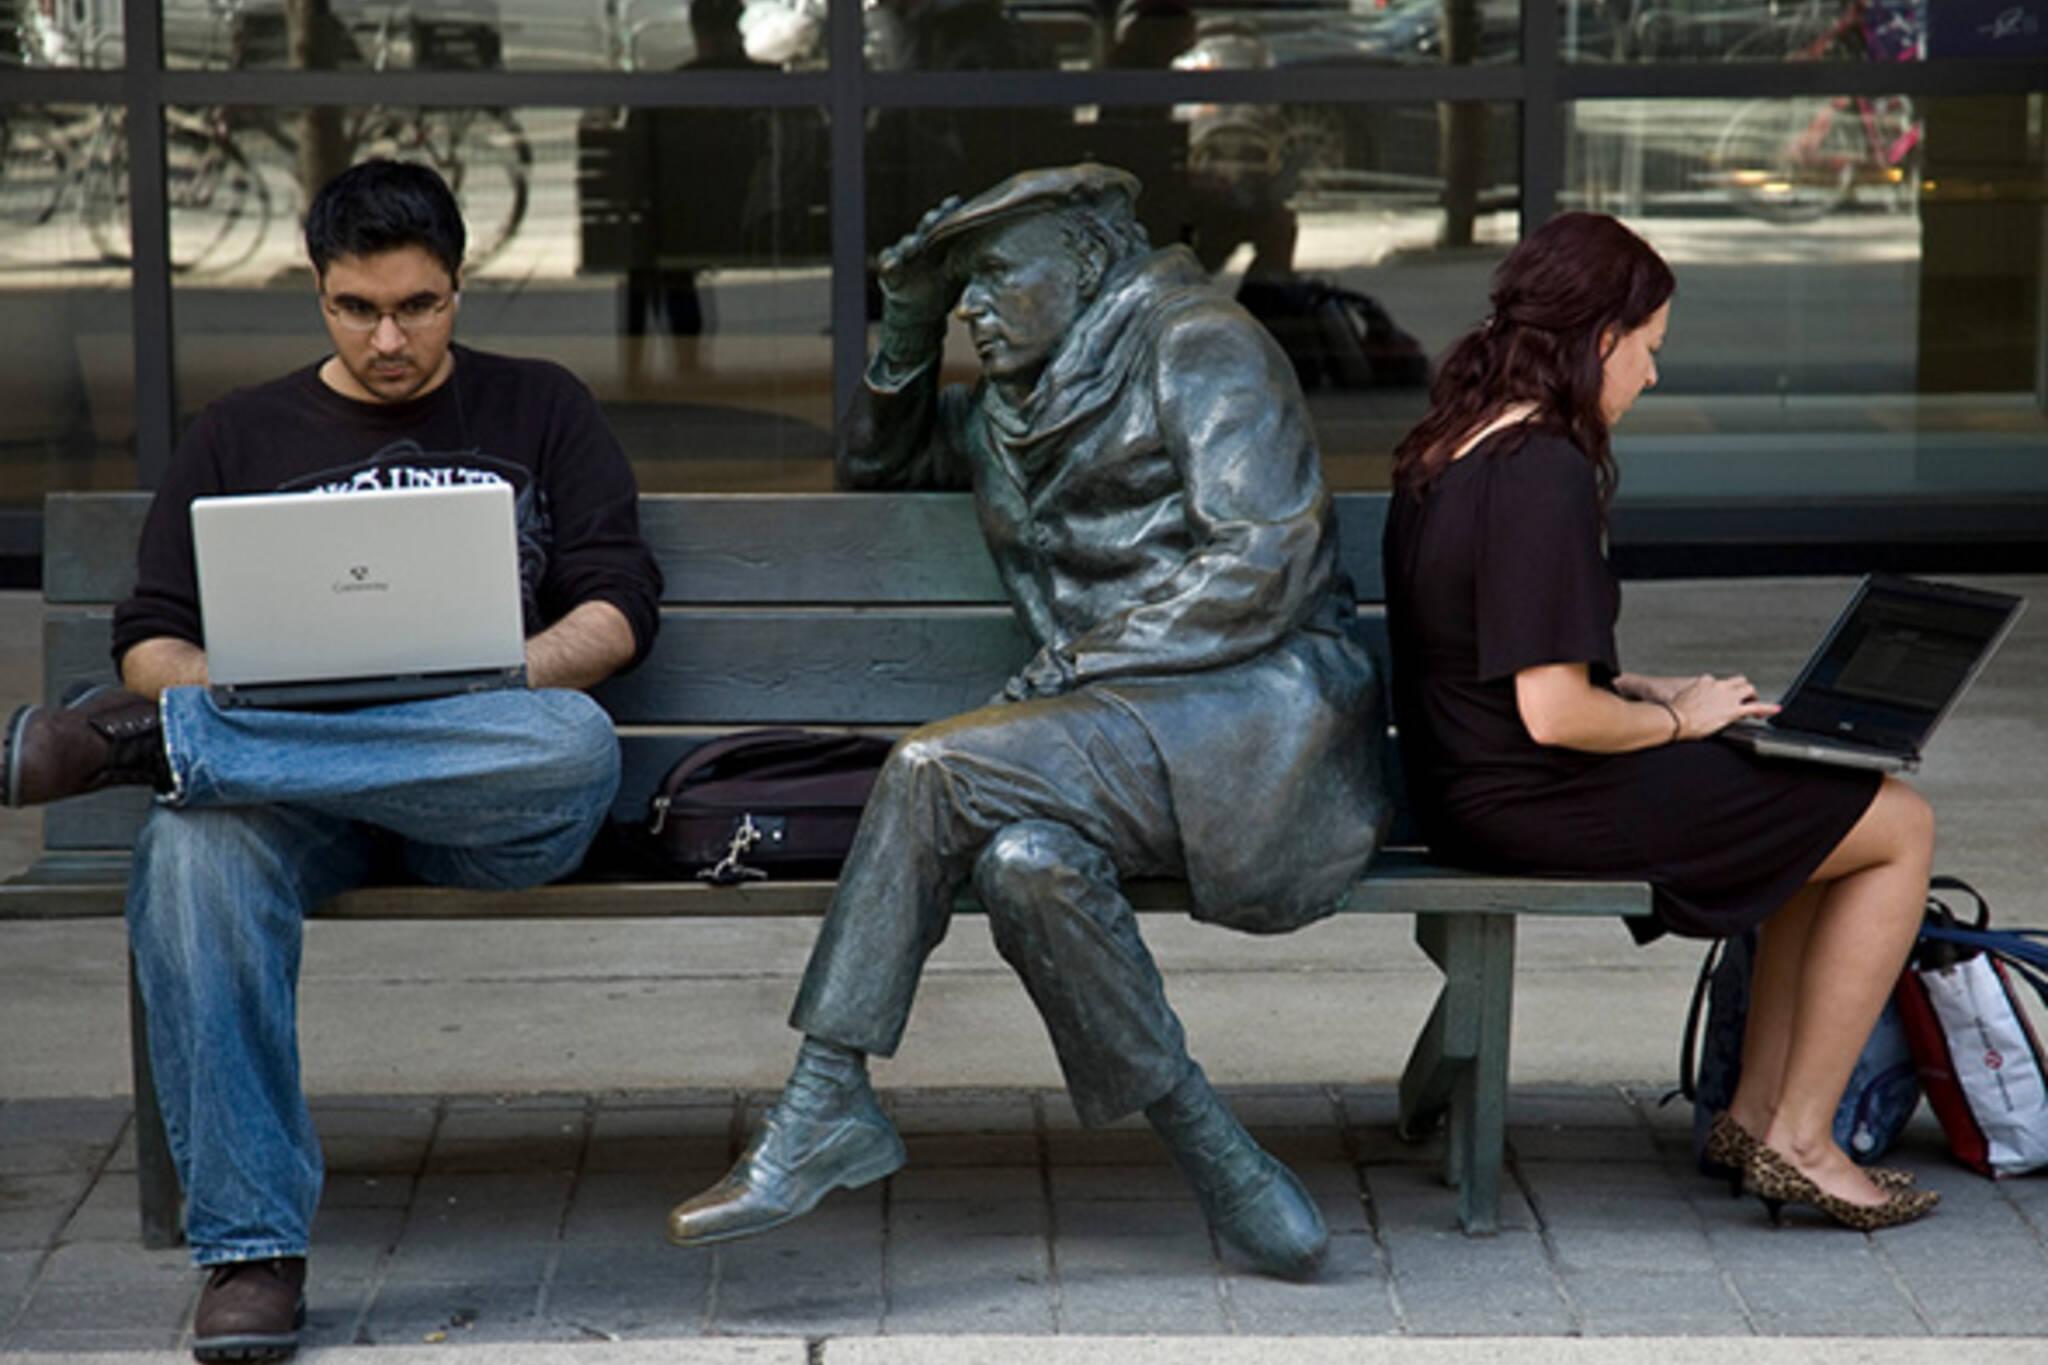 public free wifi Toronto